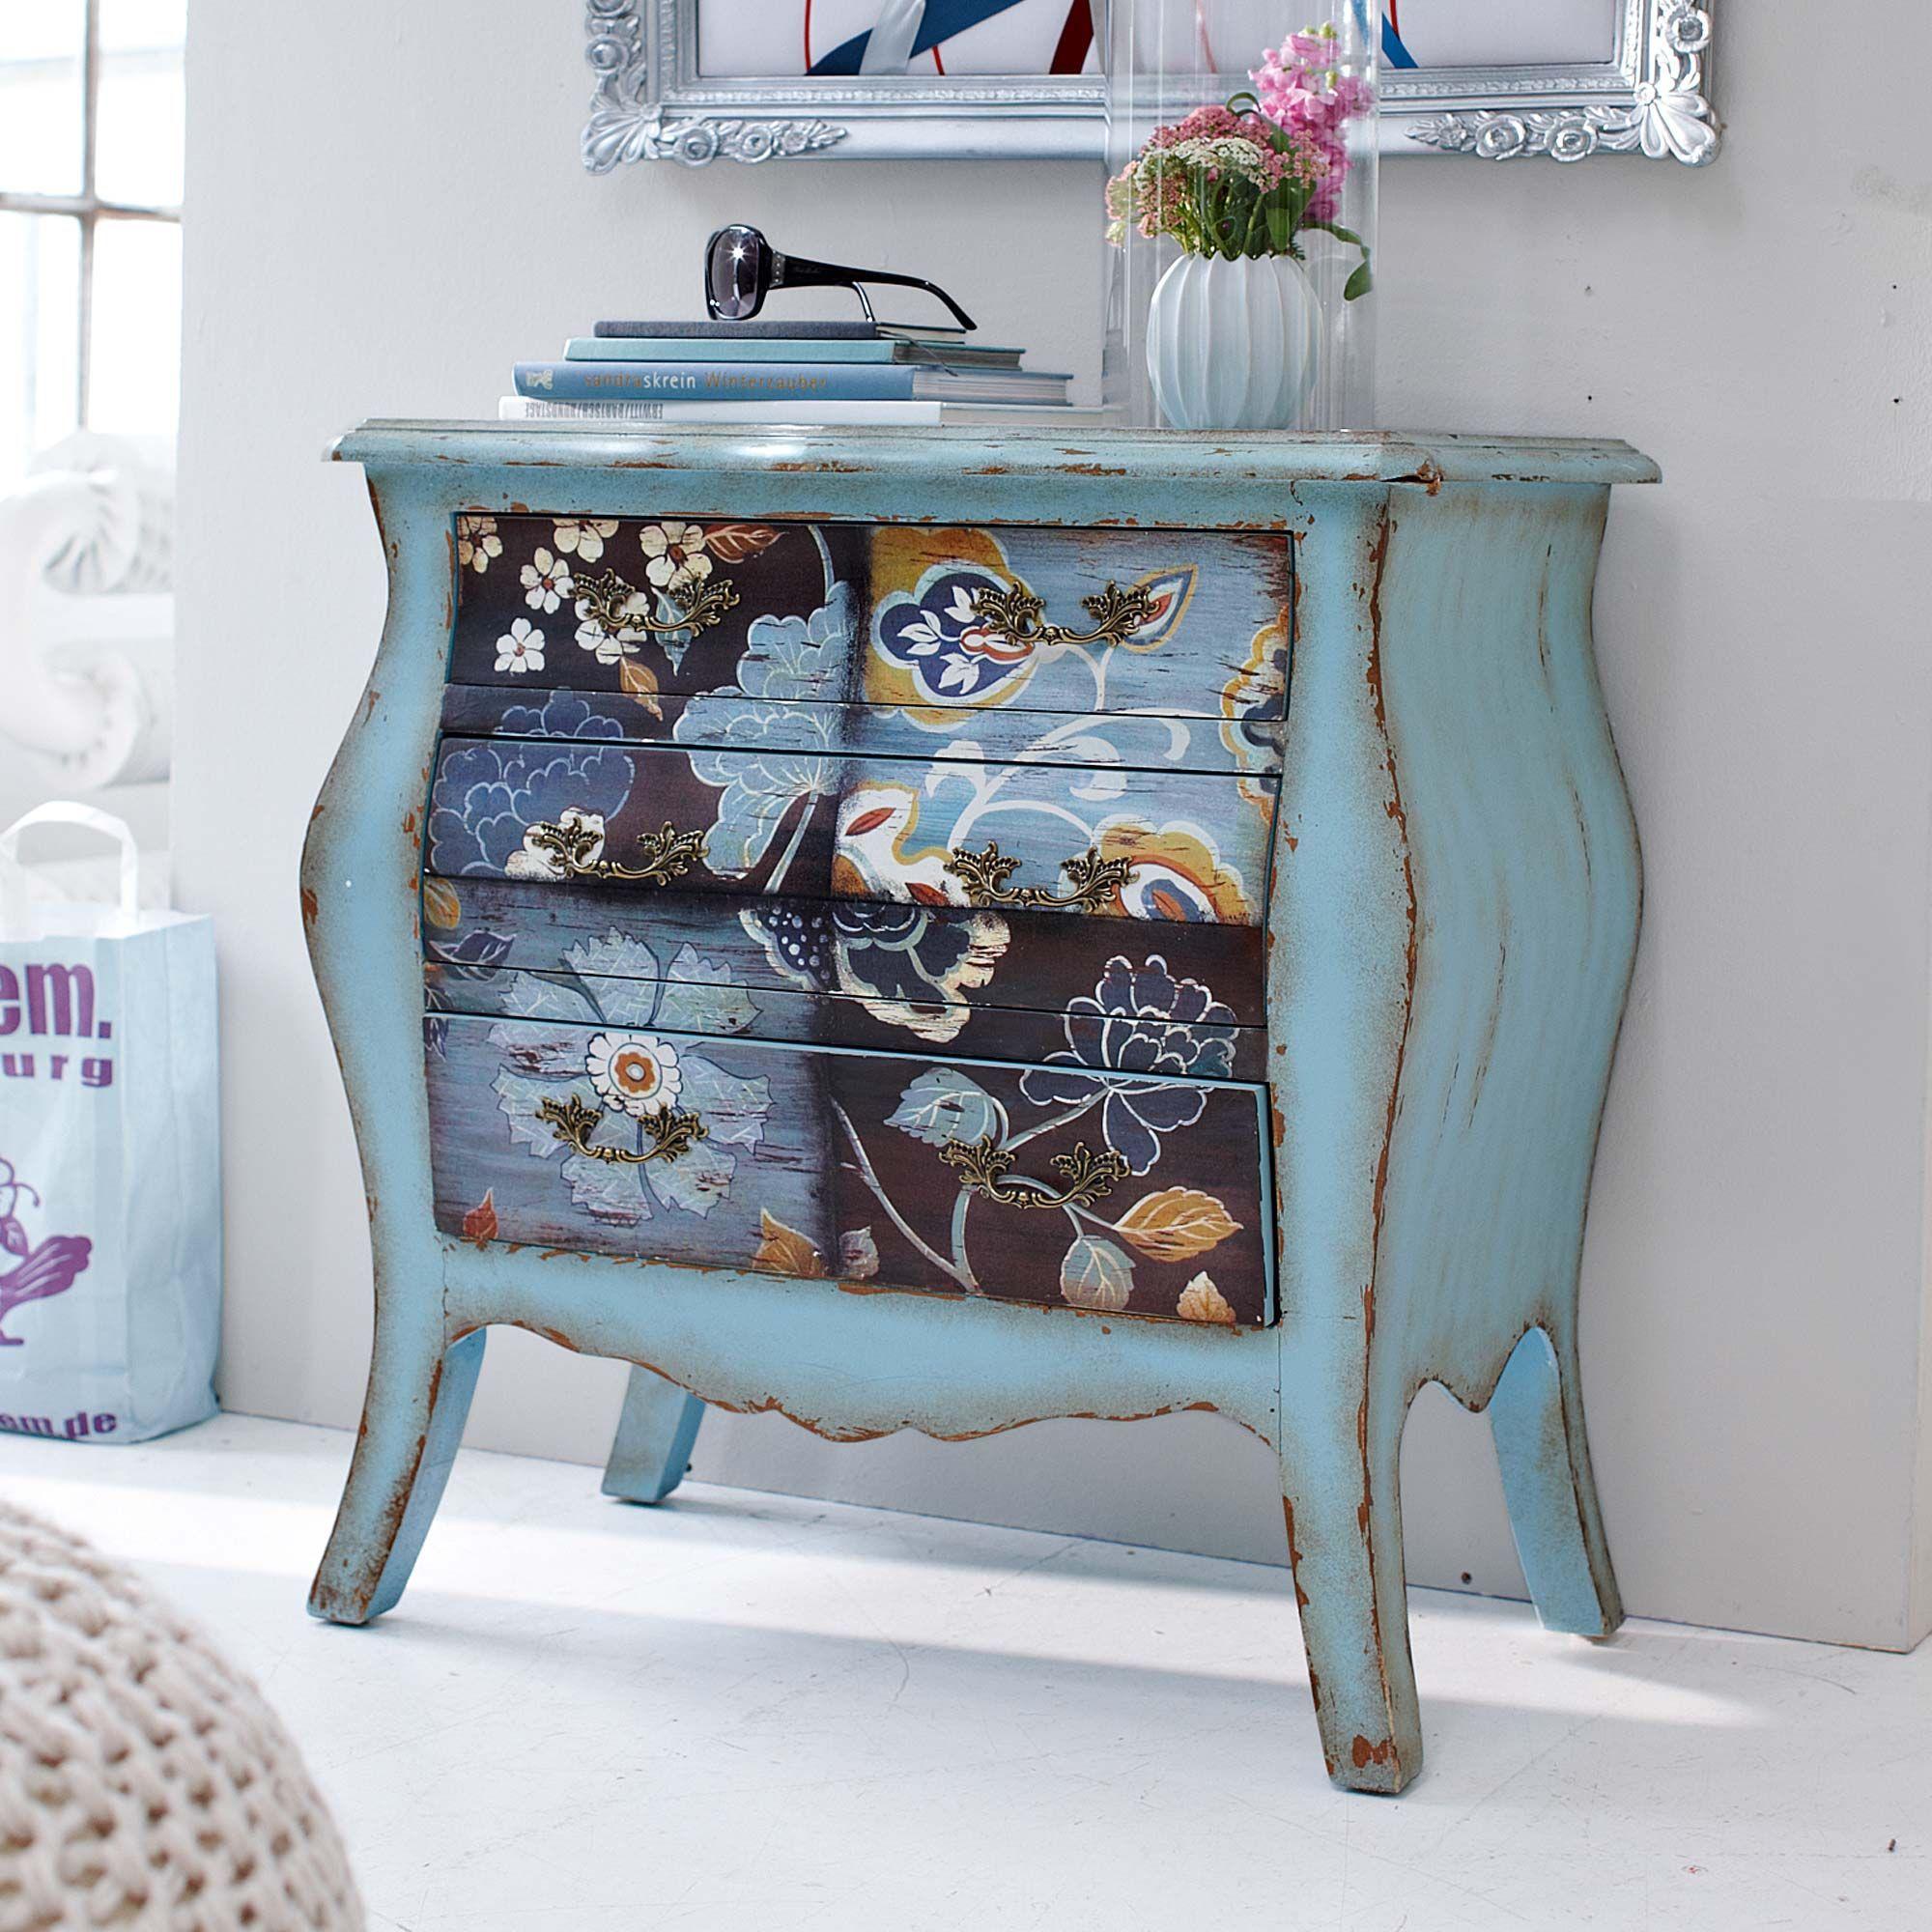 muebles antiguos pintados, precioso armario pintado en color azul con efecto desgastado y bonitos dibujos de flores y elementos florales, decoracion en estilo vintage